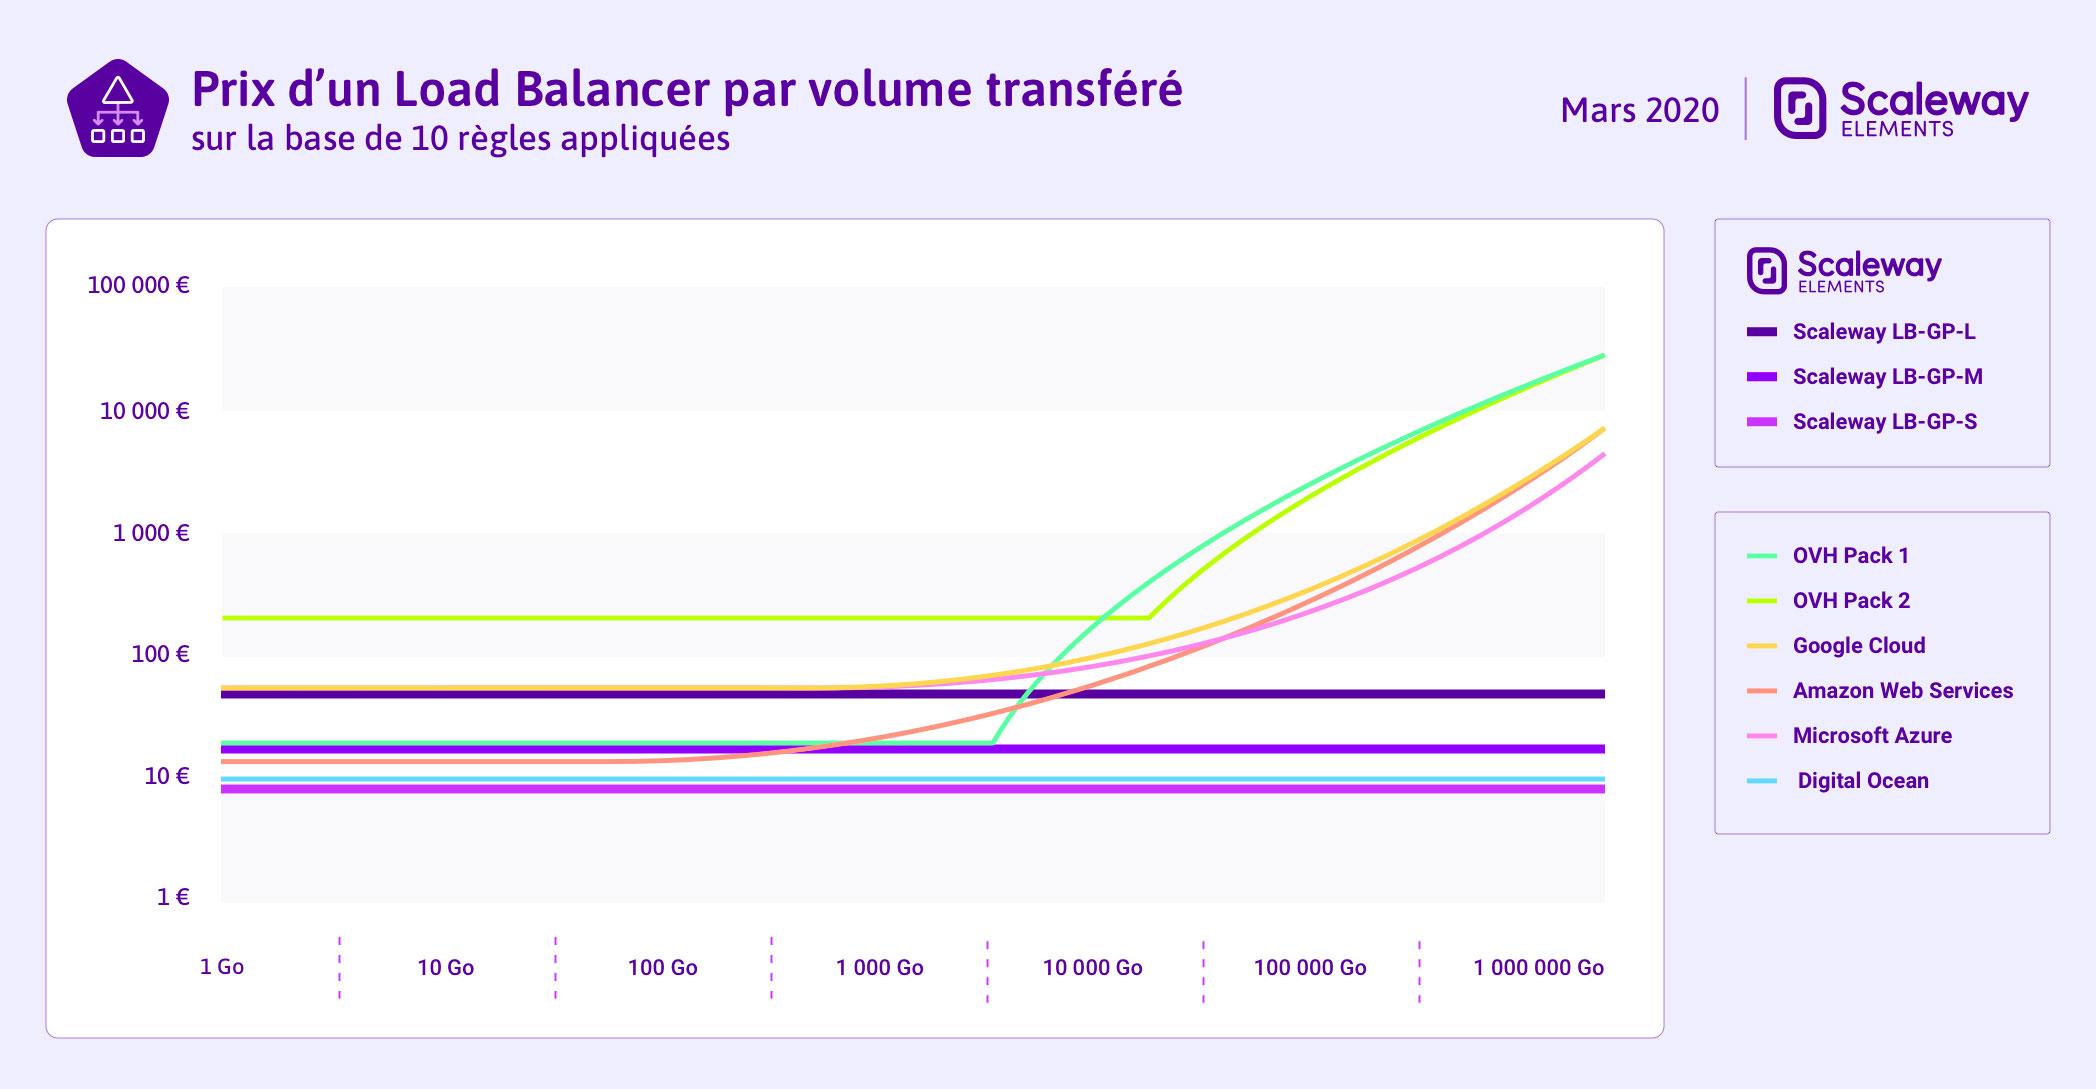 Le prix de Scaleway Load Balancer comparé à nos concurrents en fonction du volume transféré sur la base de 10 règles appliquées